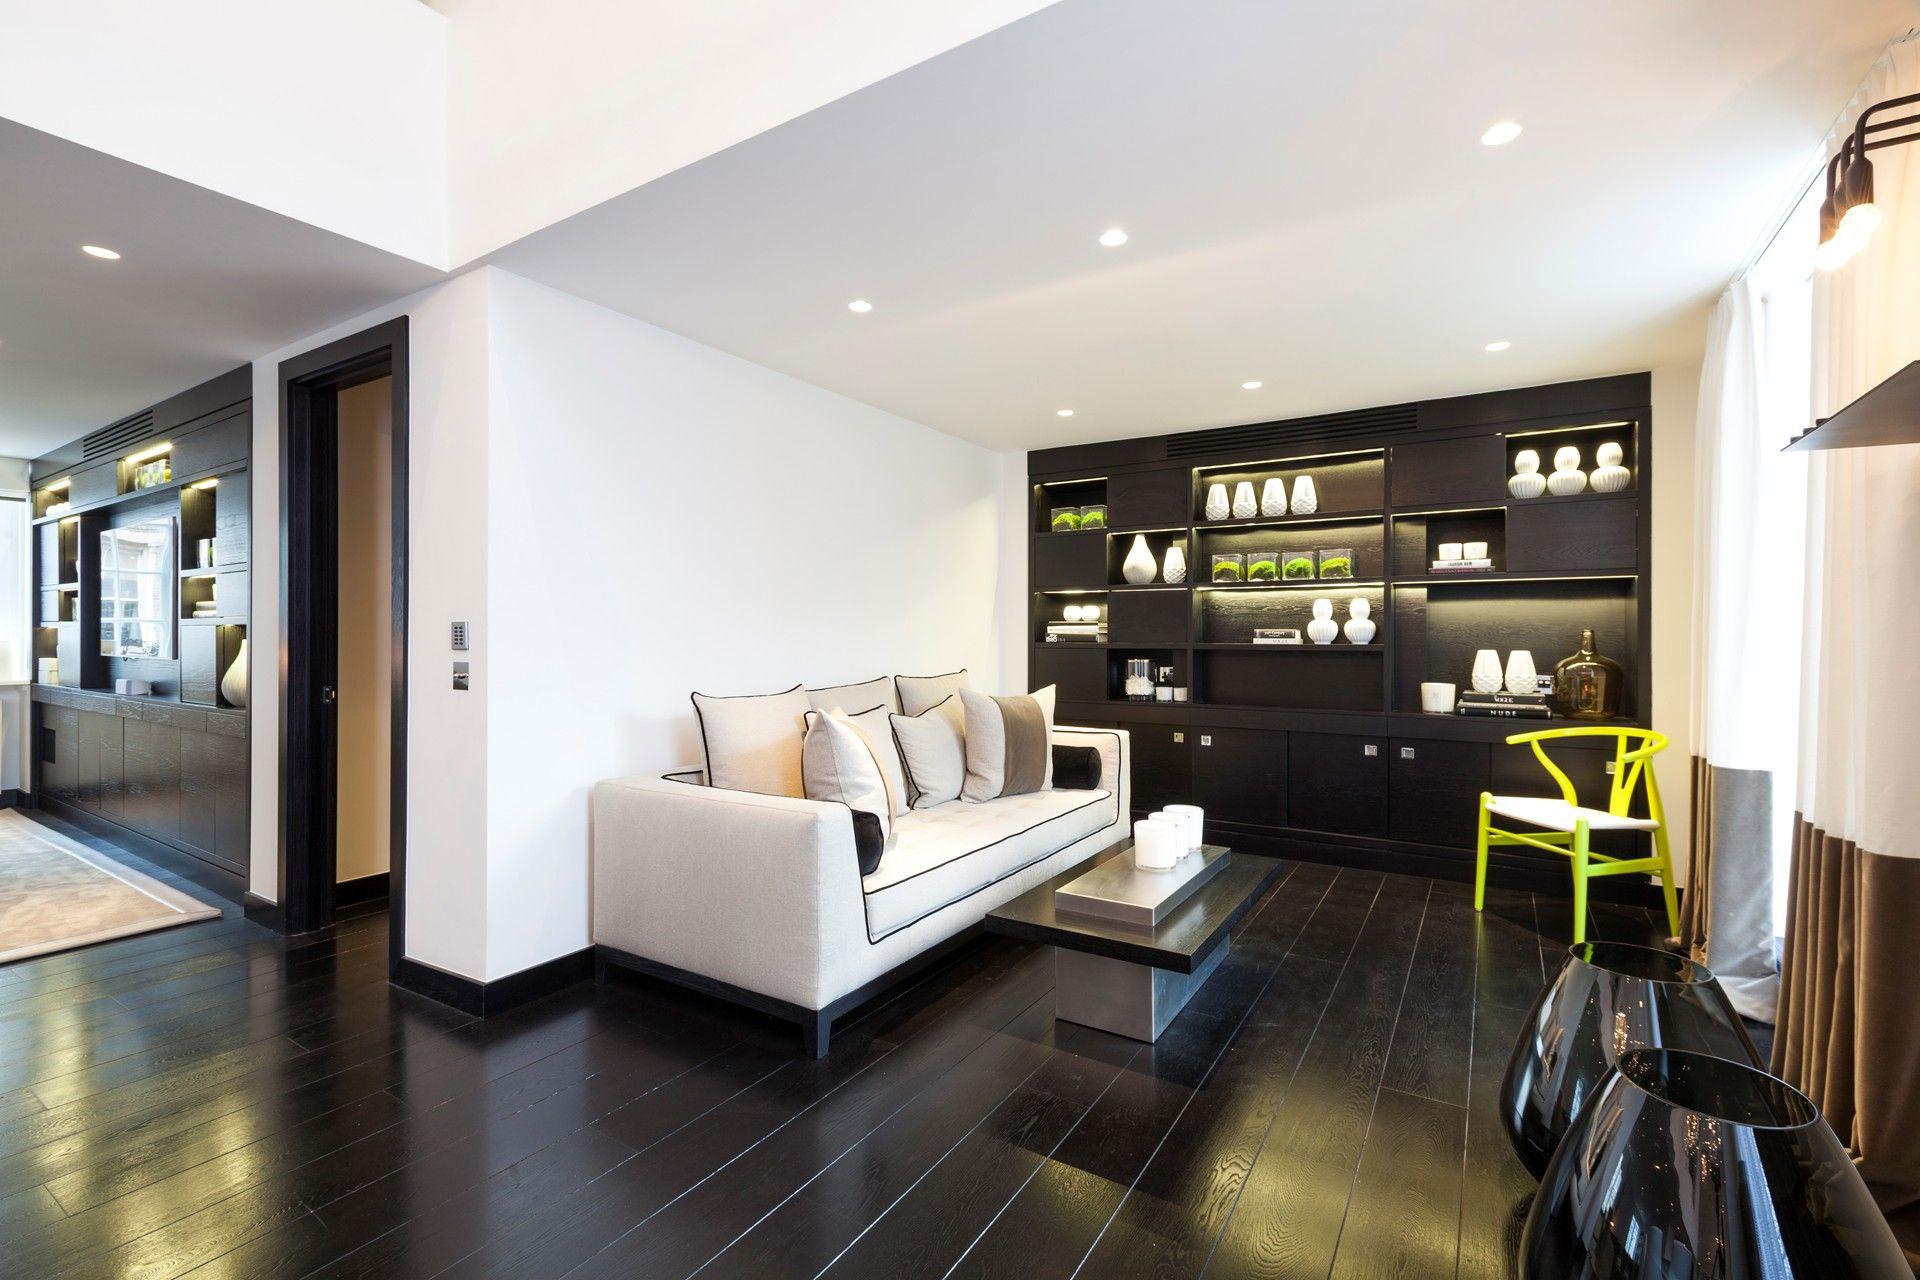 Studio Apartment Interior Decorating